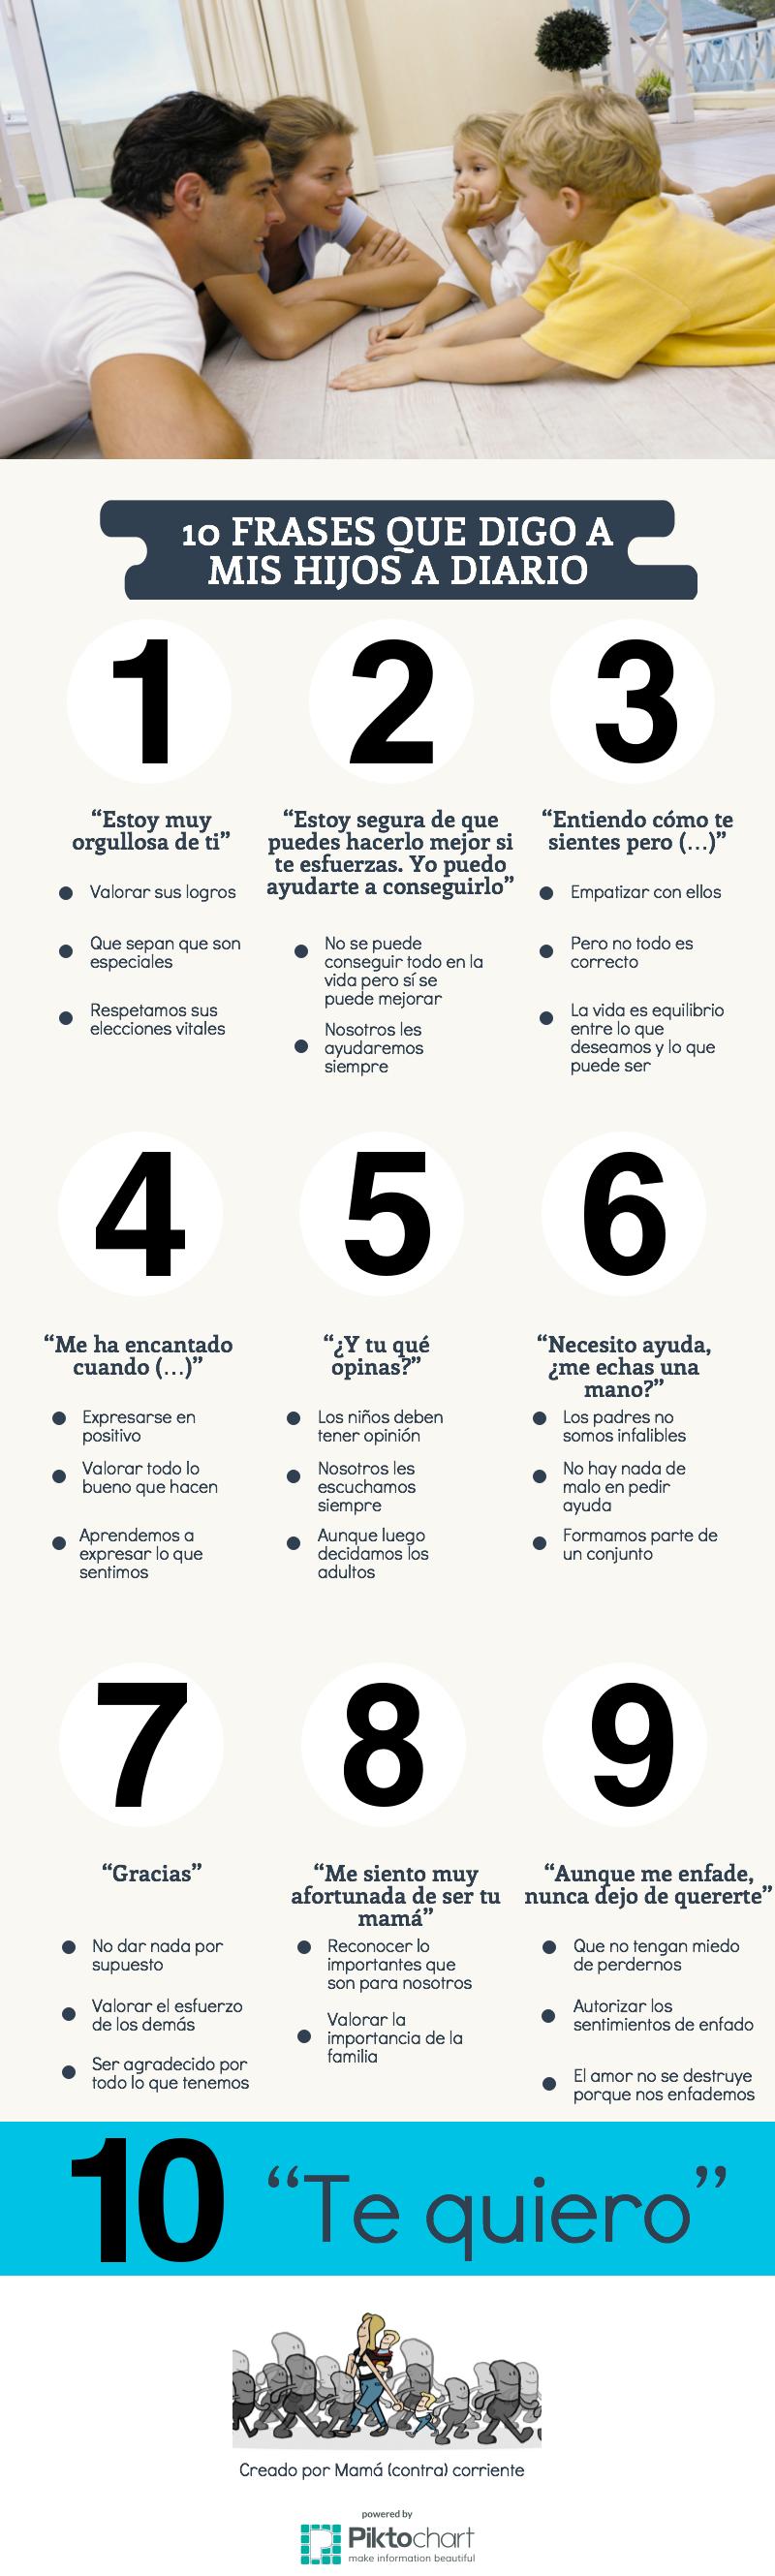 10 frases para decir a los niños a diario (infografía)